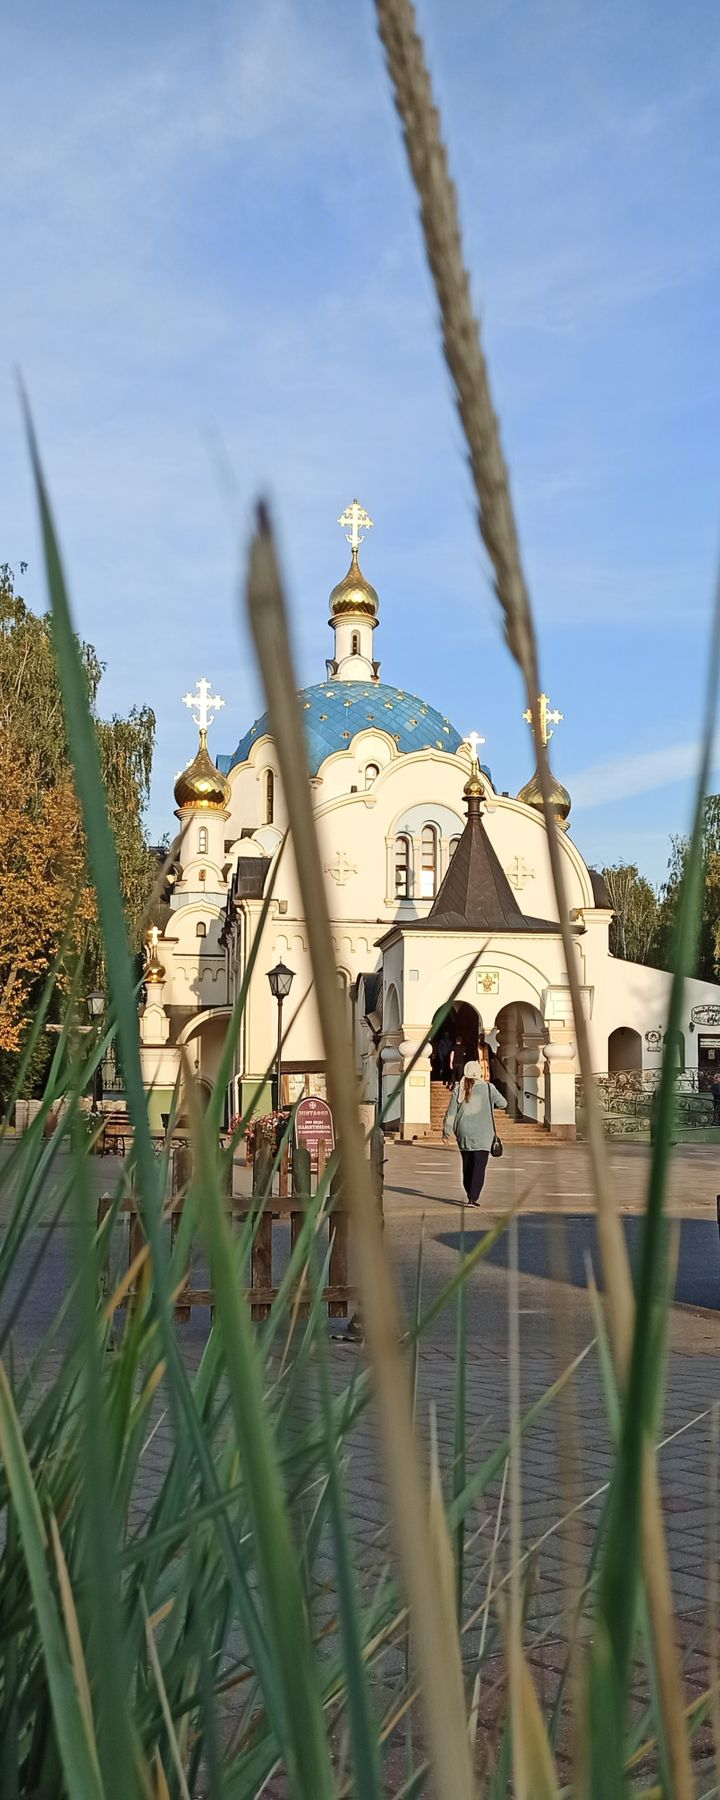 Свято-Елисаветинский монастырь.Минск. Храм монастырь Минск